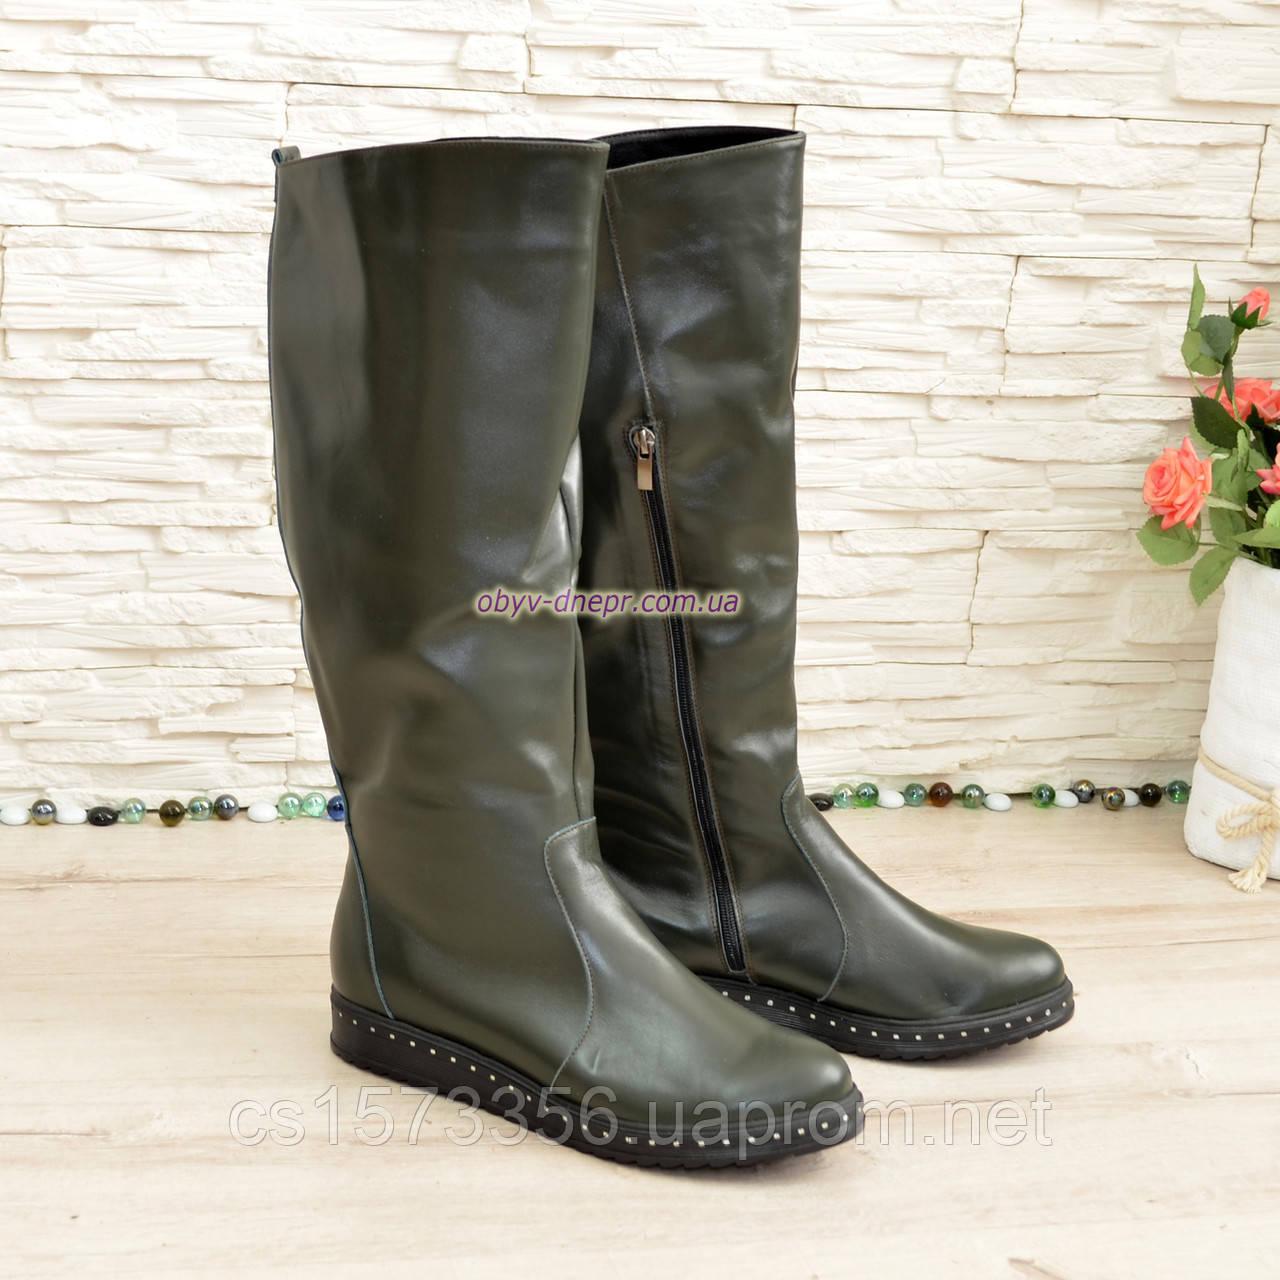 Чоботи-труби чоботи на товстій підошві, натуральна зелена шкіра